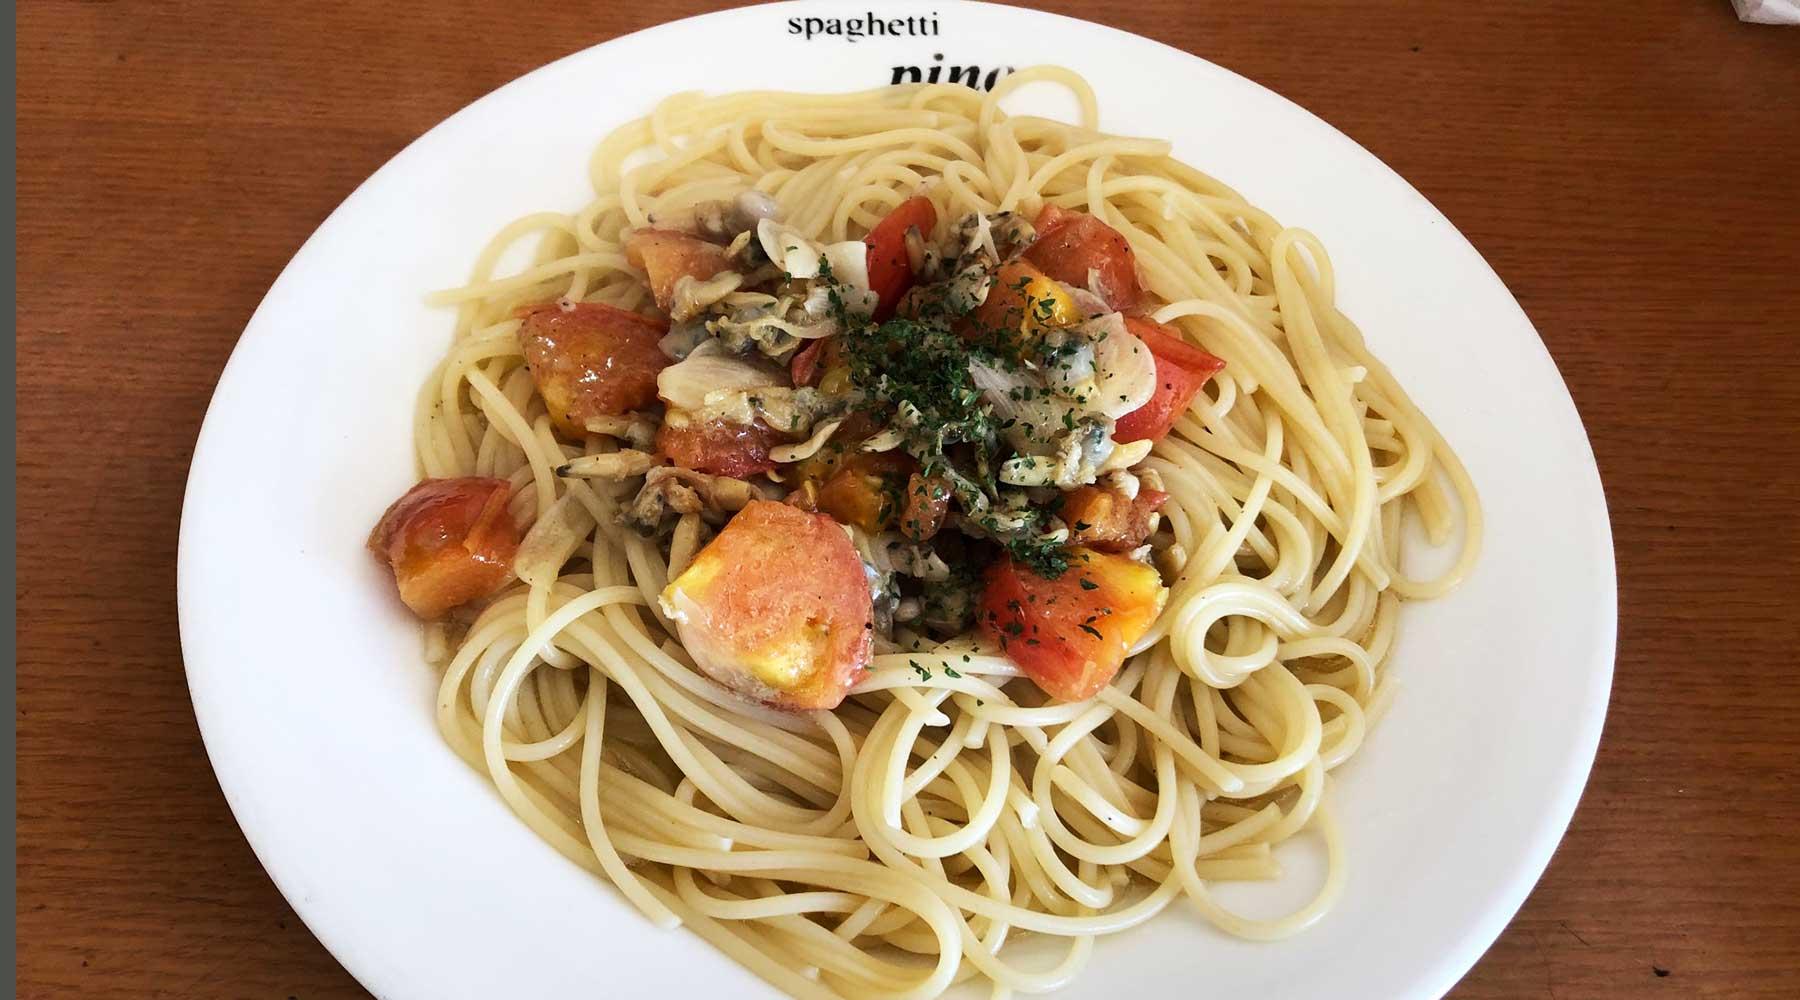 浦和西口・ハシヤ系のスパゲティPinoの「あさりとフレッシュトマト」スパゲティ